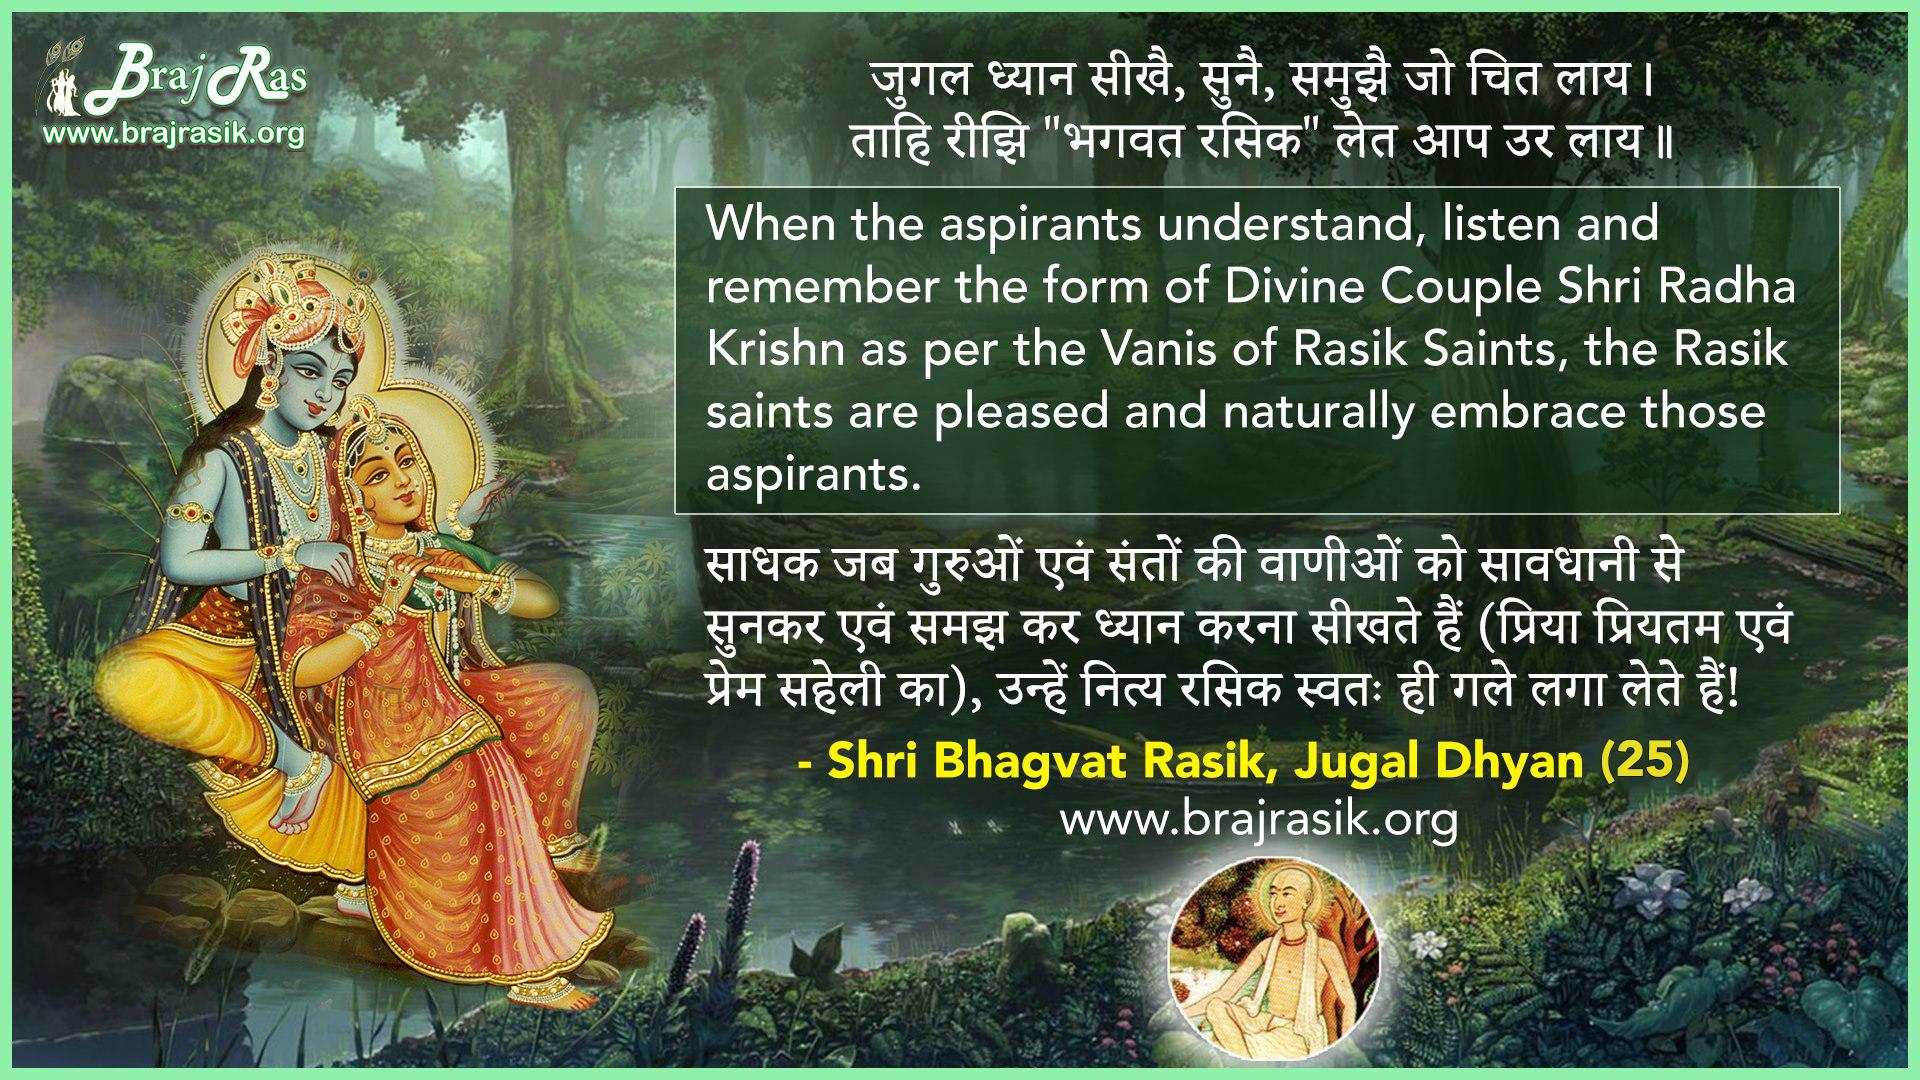 Jugal Dhyan Sikhai, Sunai - Shri Bhagvat Rasik, Jugal Dhyan (131)